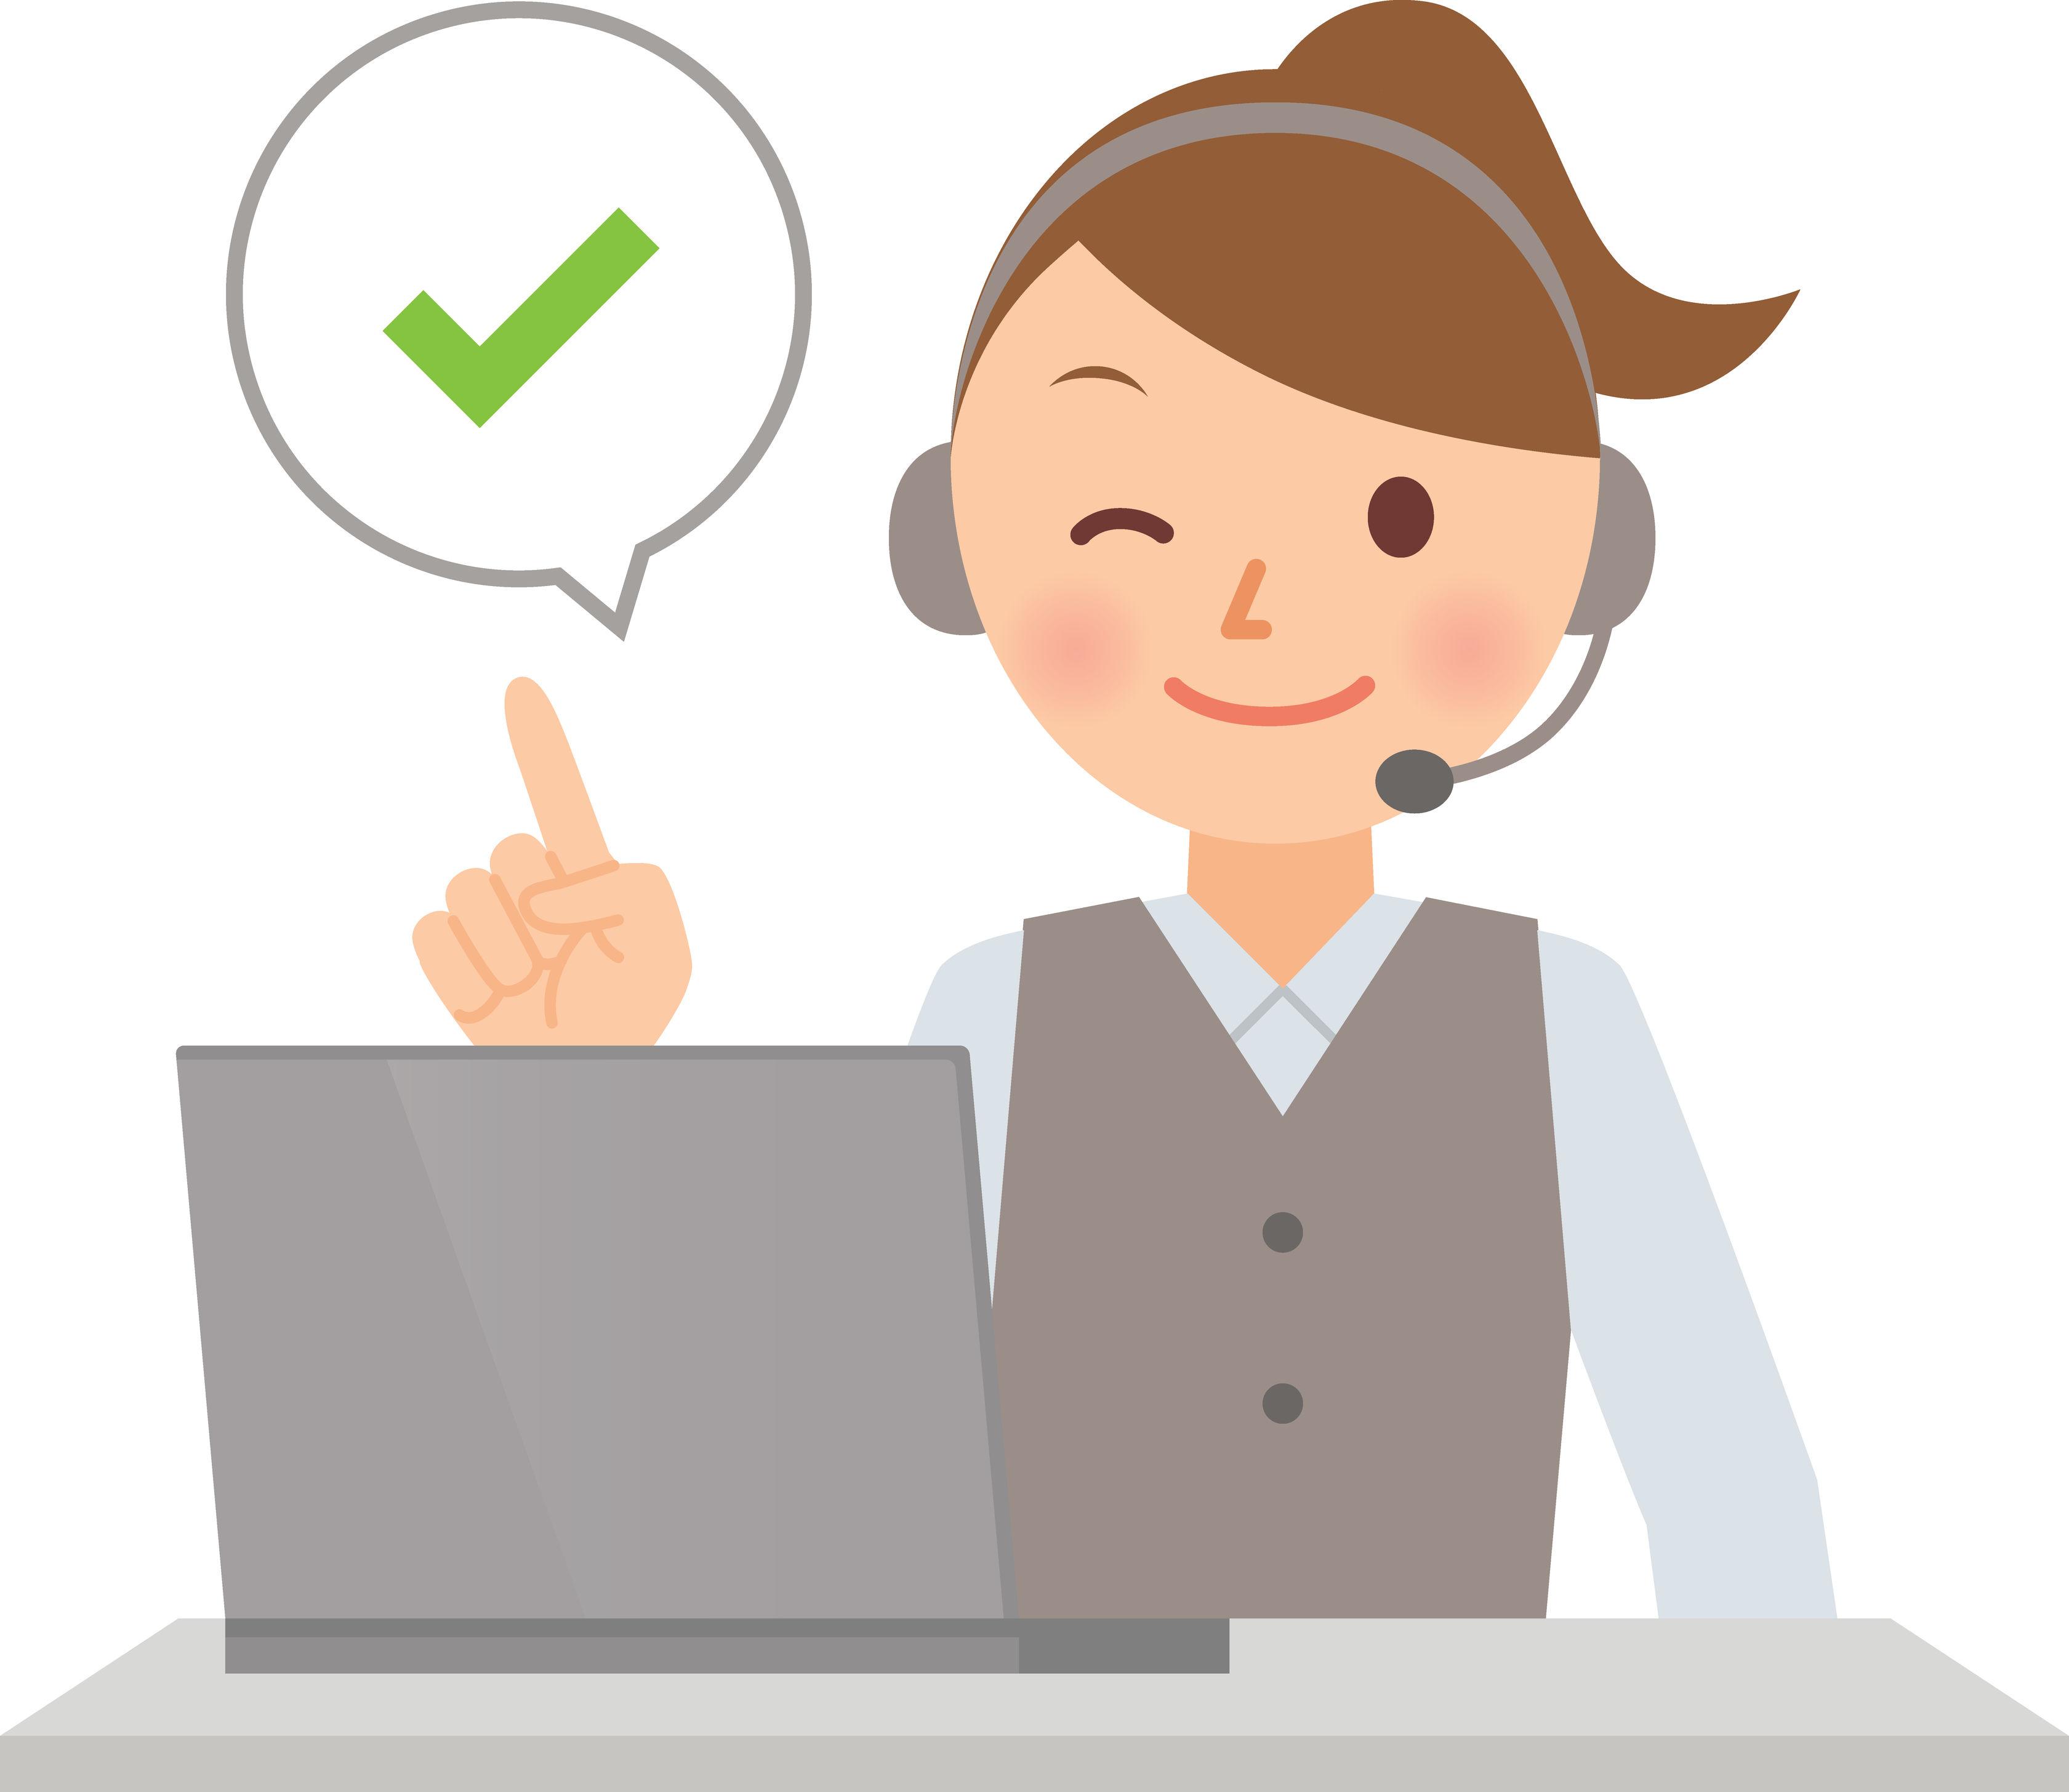 ניהול אומנות השירות - איך אנשי שירות אמיתיים פועלים?